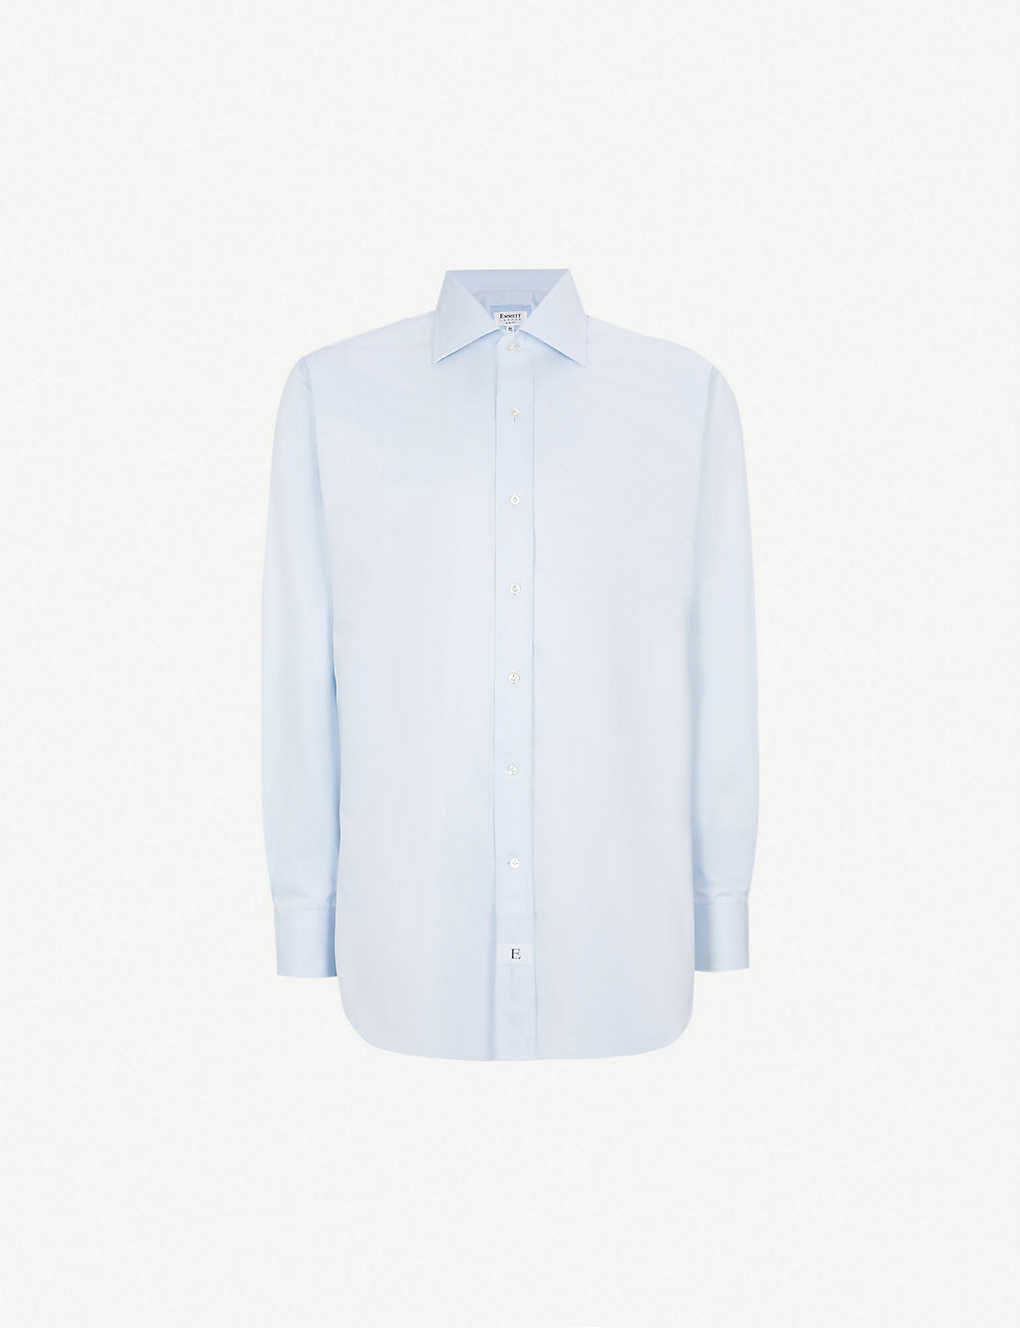 Emmett London Slim Fit Single Cuff Cotton Twill Shirt Selfridges